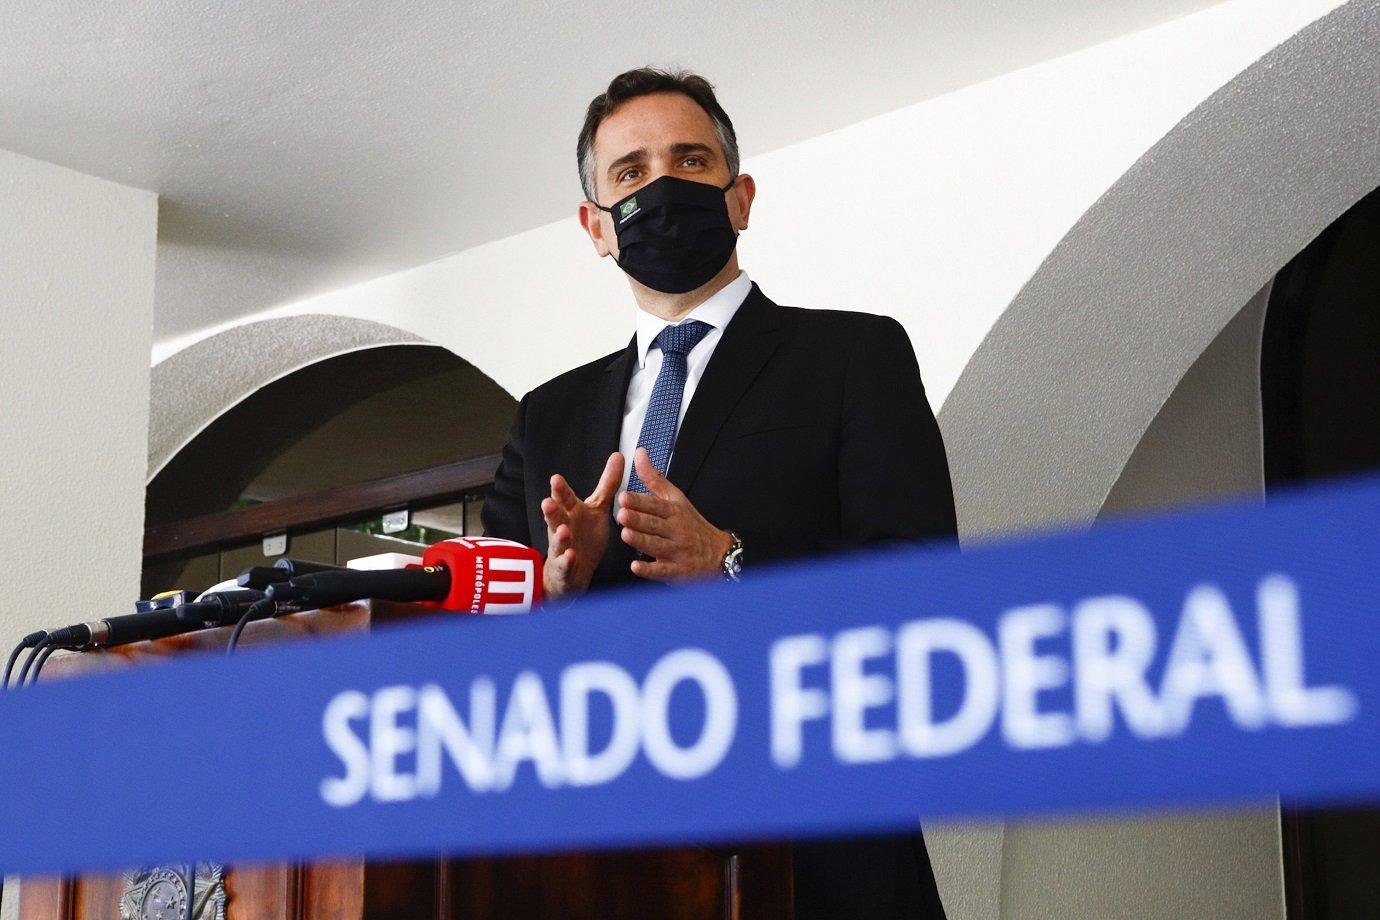 Presidente do Senado Federal, senador Rodrigo Pacheco (DEM-MG), concede entrevista coletiva para falar sobre a instalação da CPI da Pandemia.